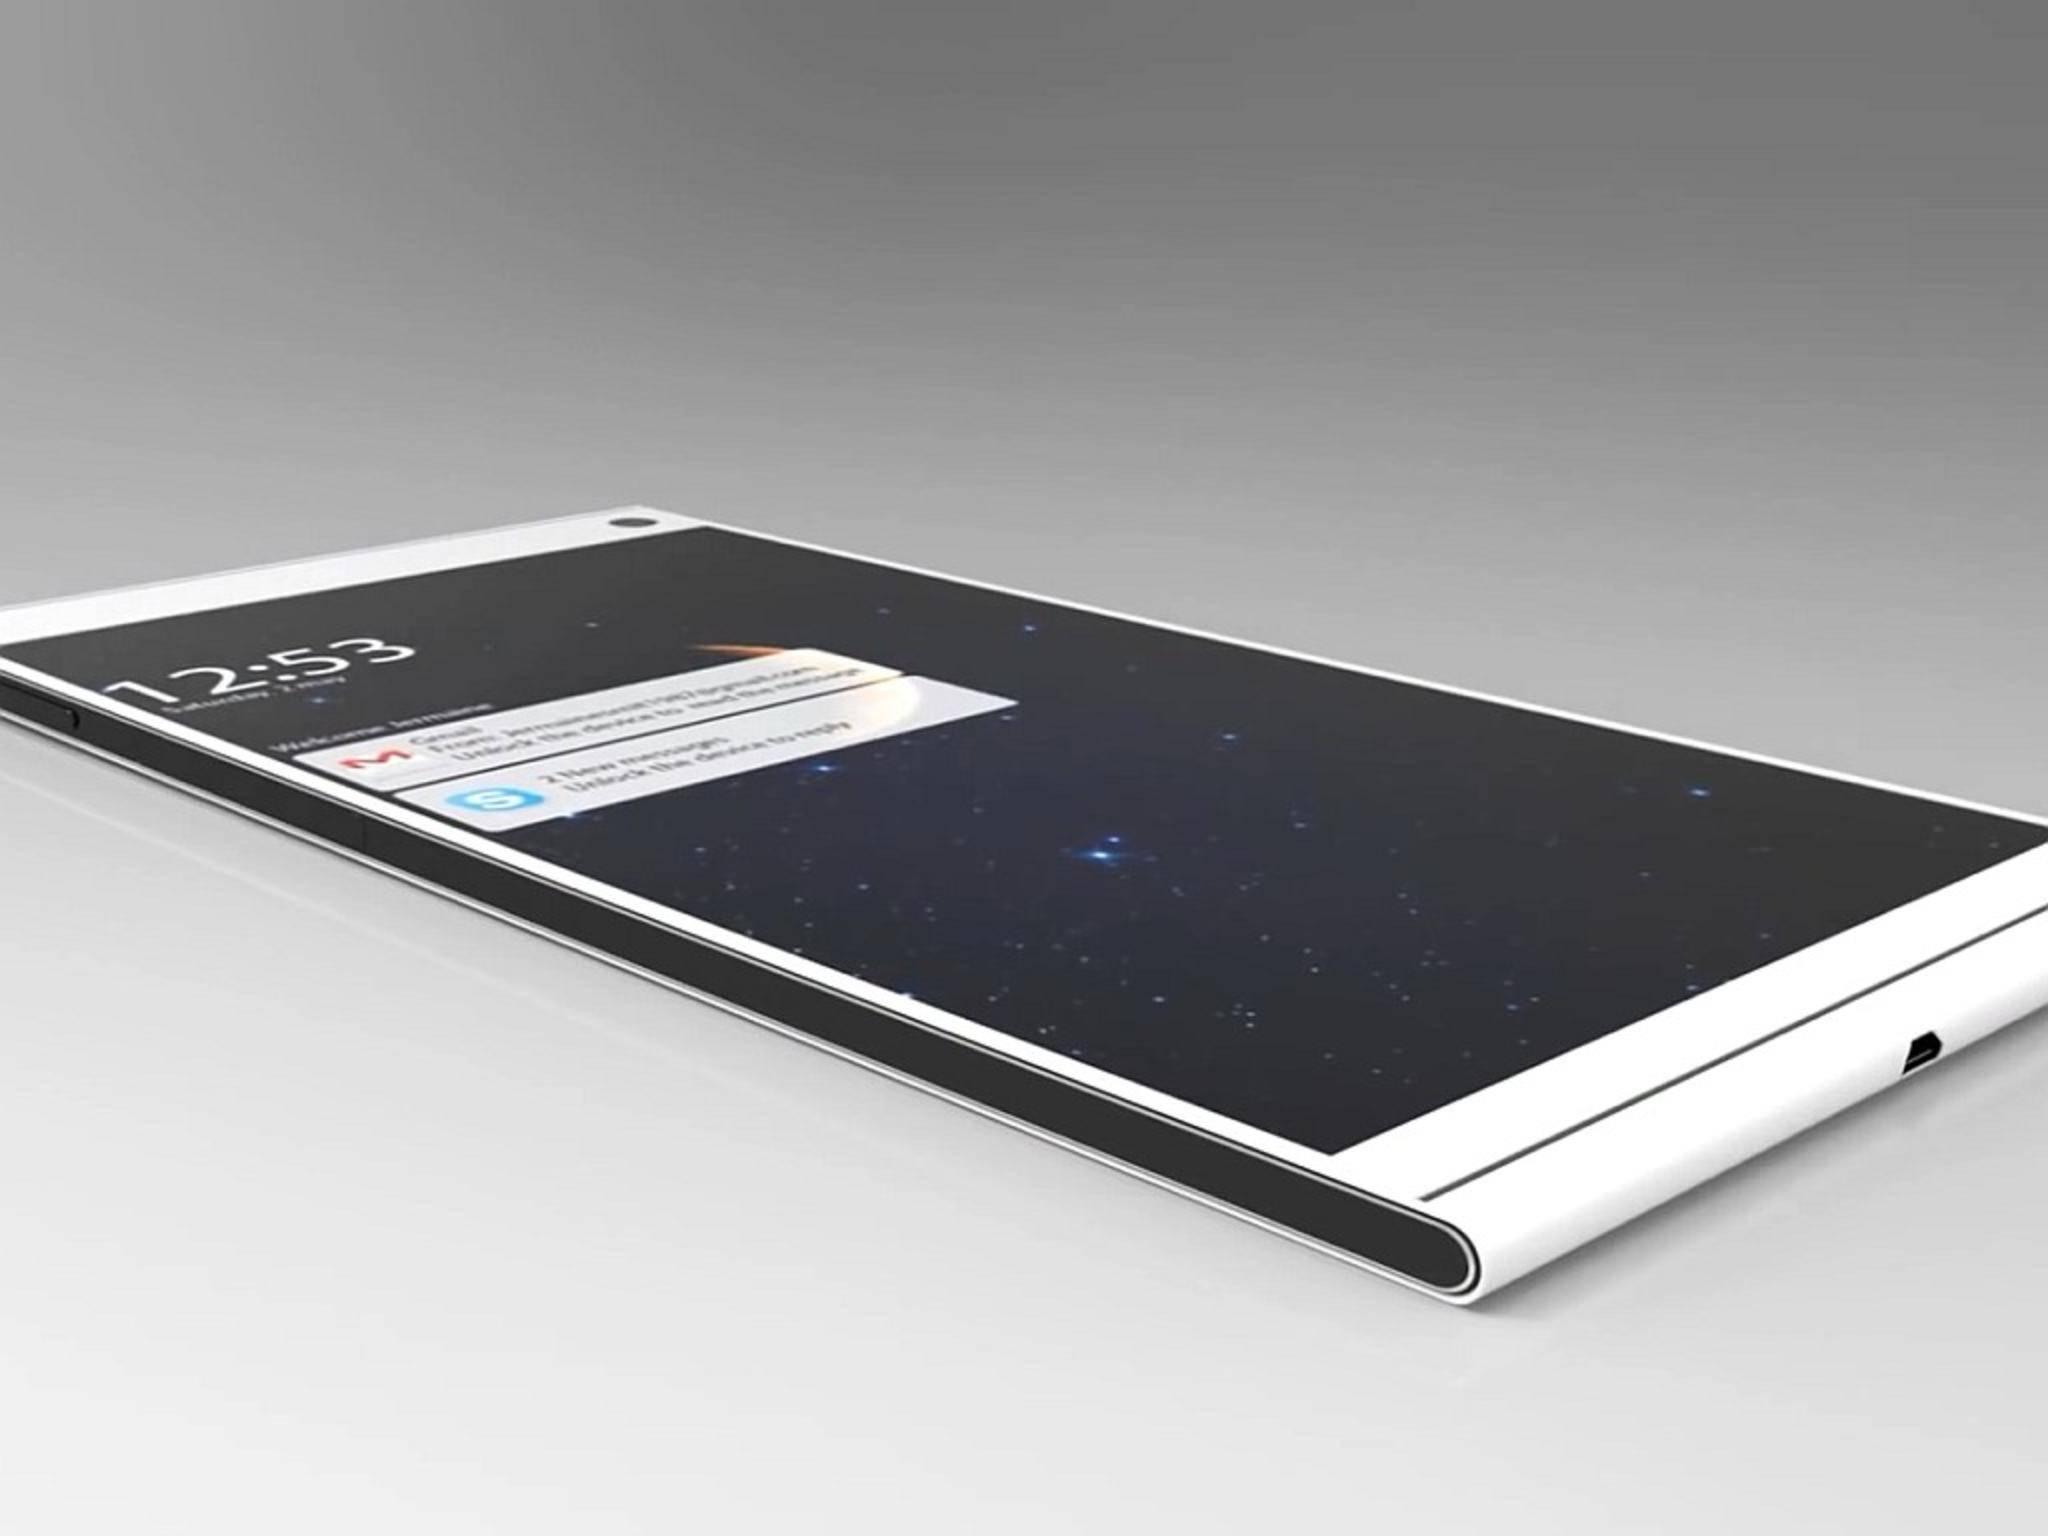 Eine Konzeptstudie des Xperia Z4: Die Realität ist ziemlich nah dran.